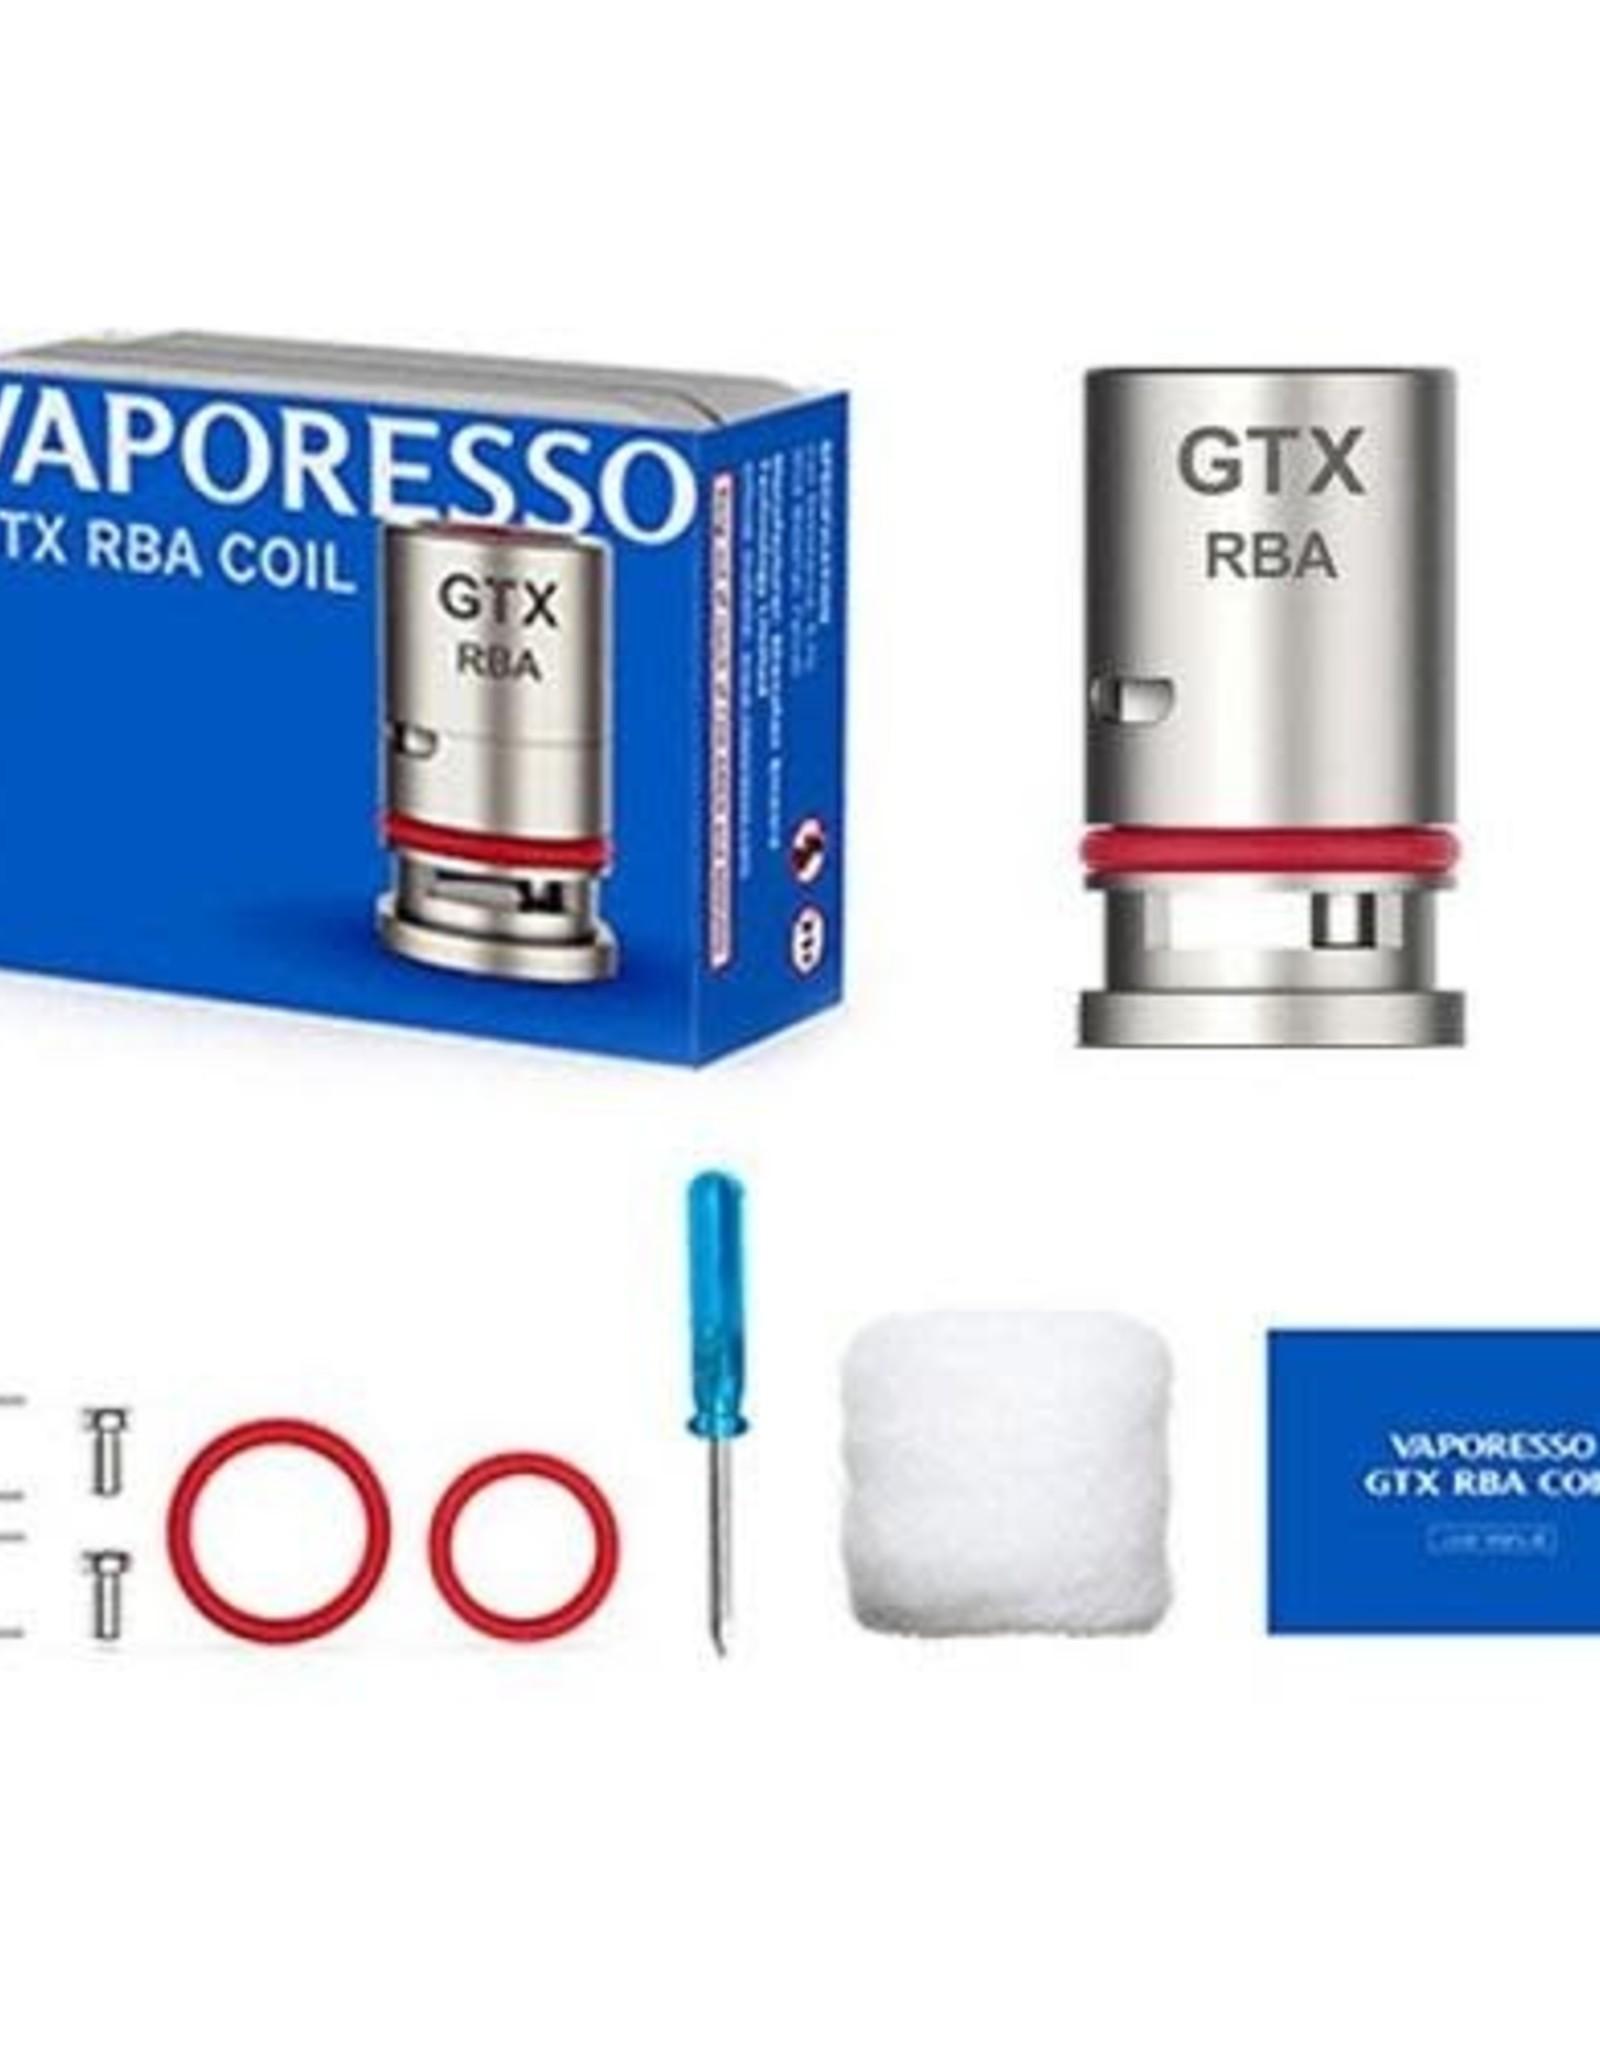 Vaporesso Vaporesso GTX RBA